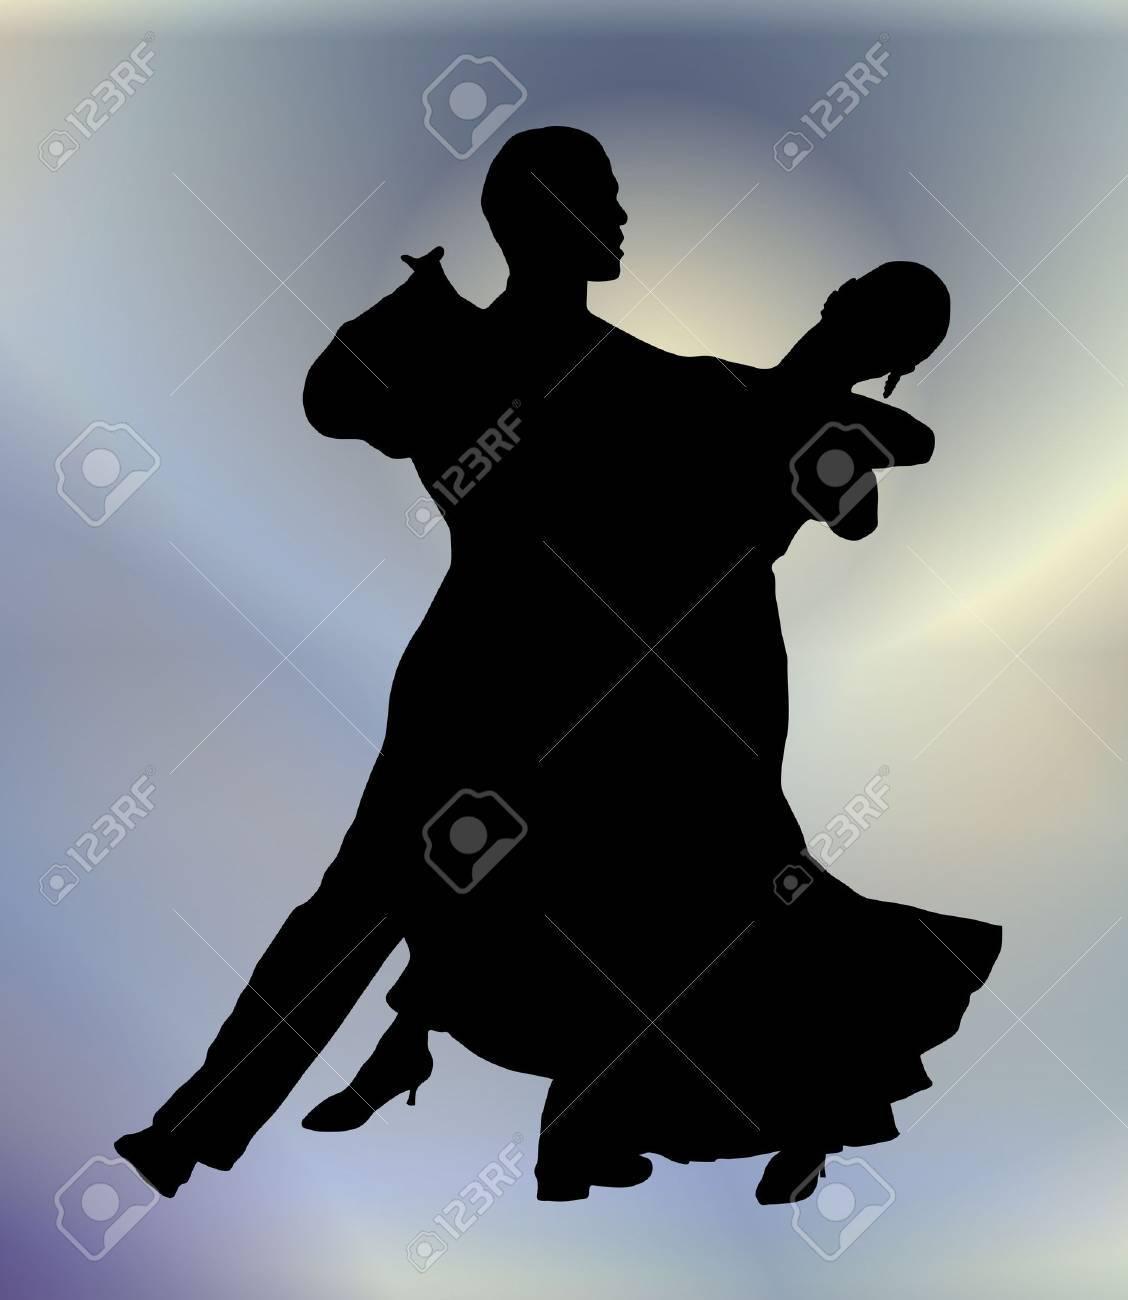 若いカップルの社交ダンスのシルエット イラスト ロイヤリティーフリー